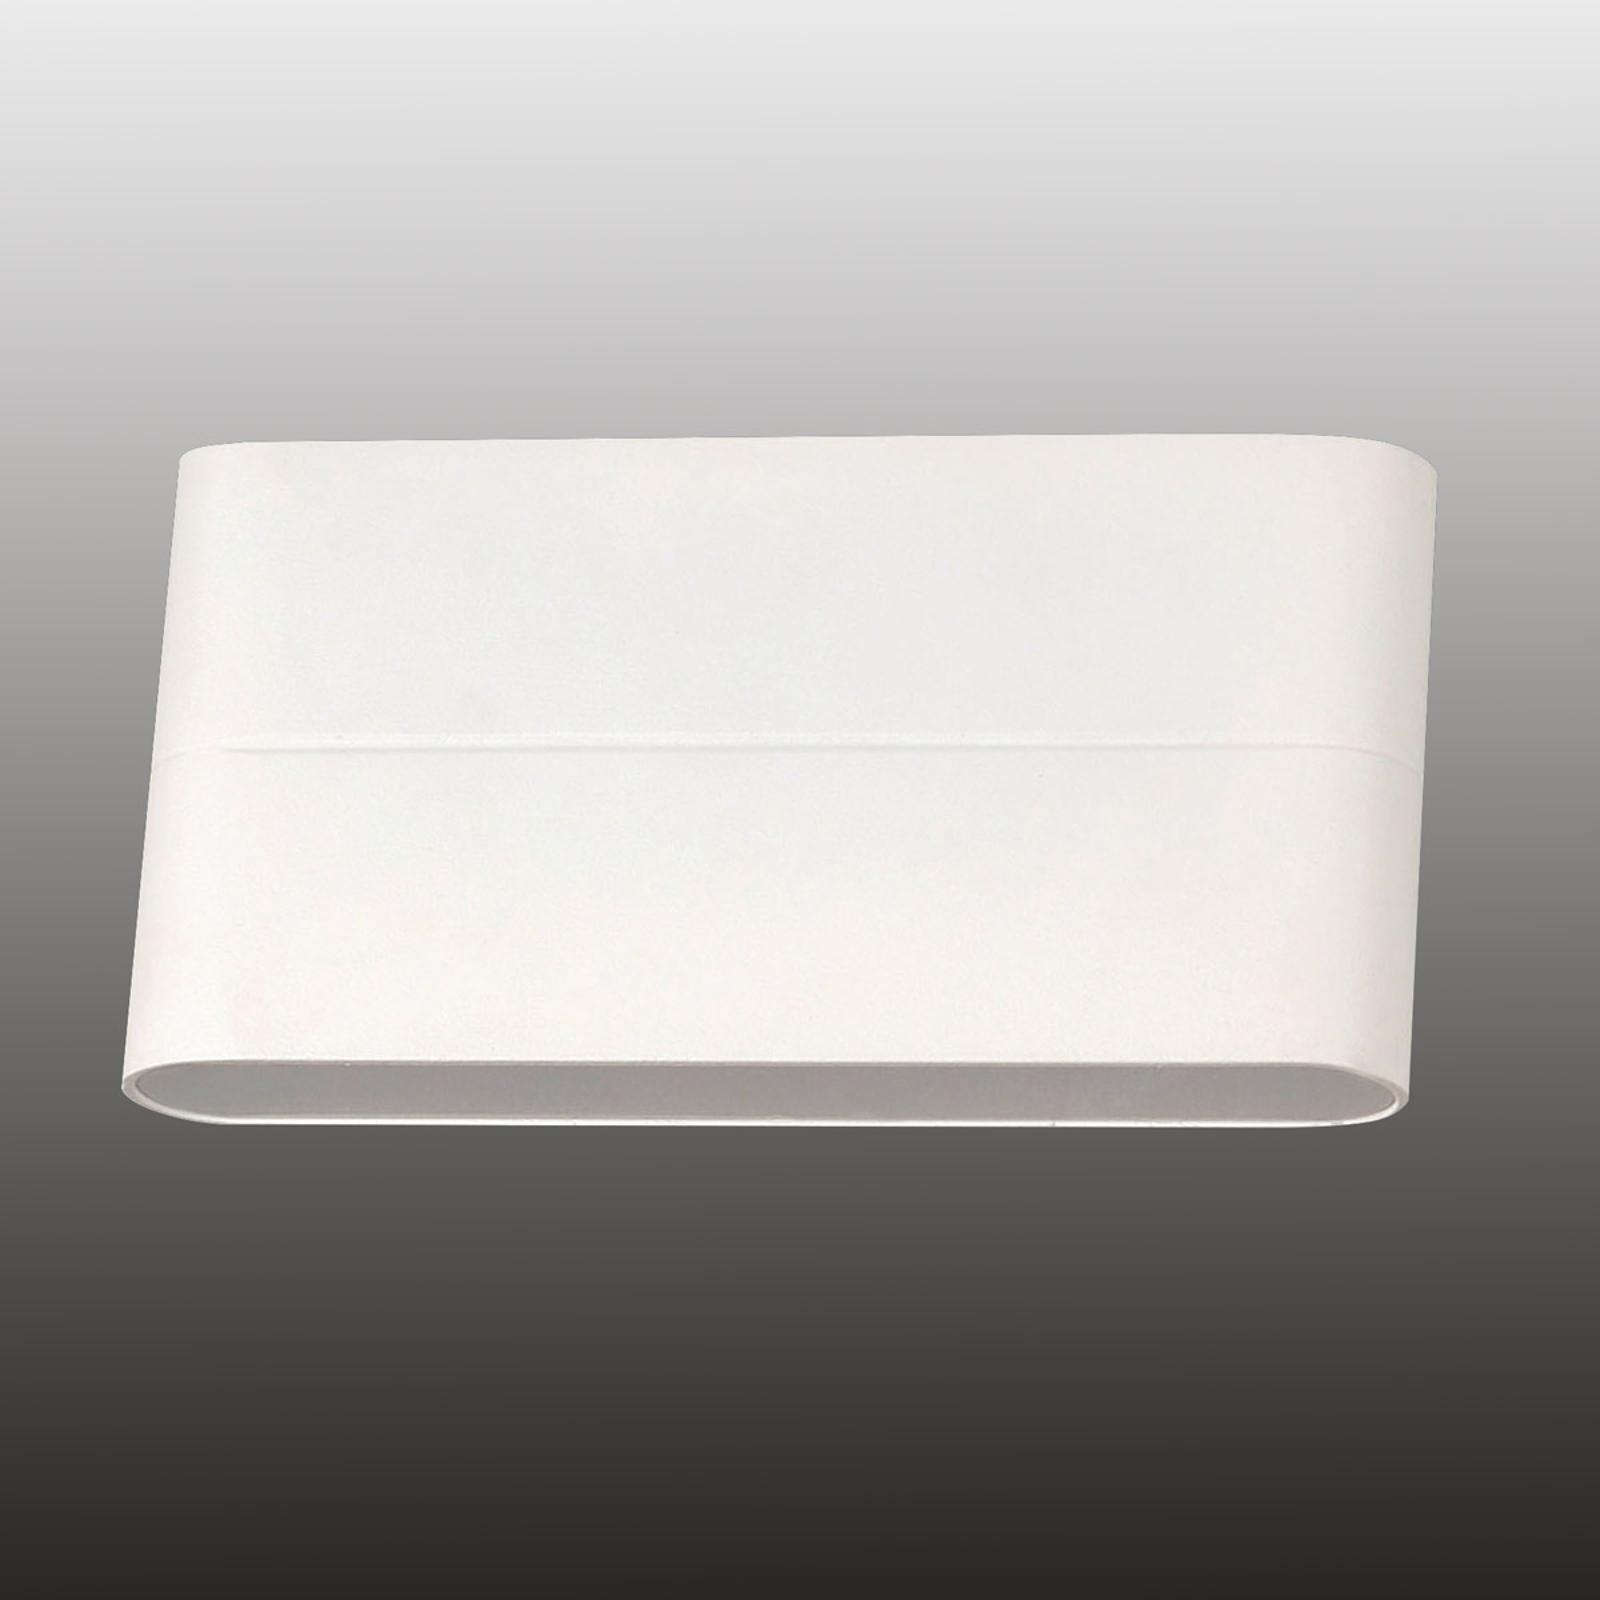 Casper - hvit LED-vegglampe for uteplassen